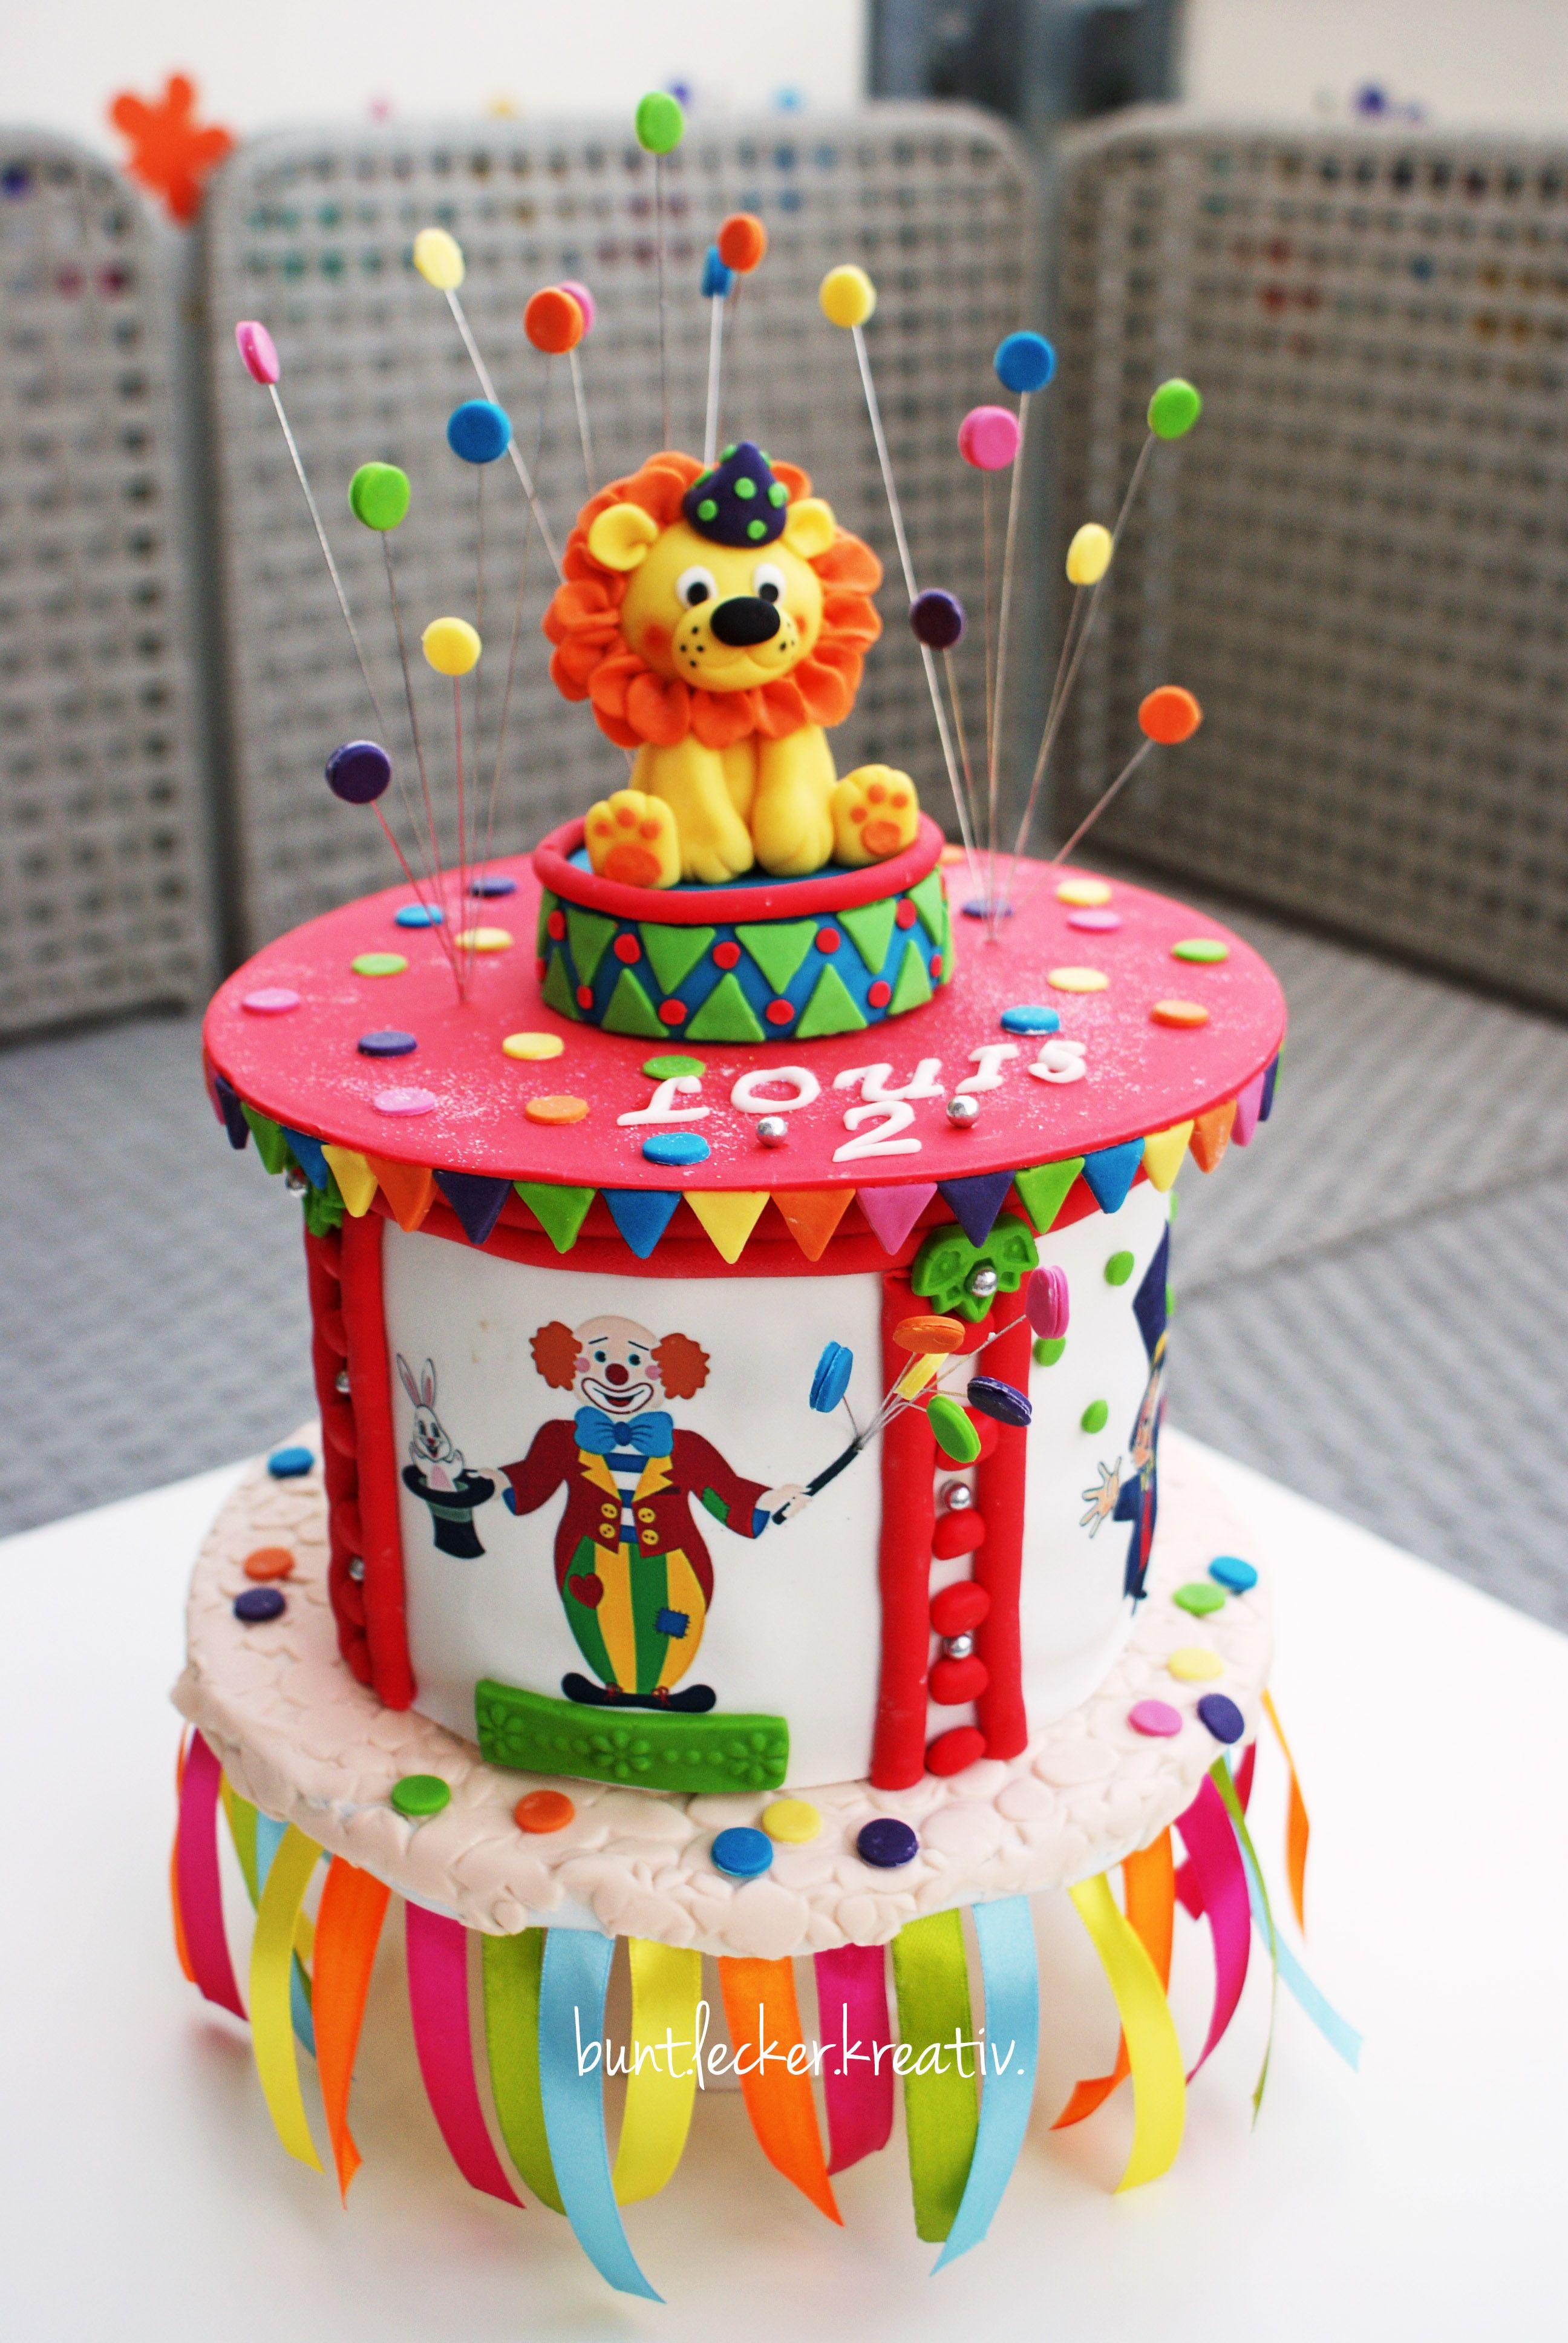 zirkus torte zum geburtstag mit l we circus cake with a lion meine torten kekse und. Black Bedroom Furniture Sets. Home Design Ideas